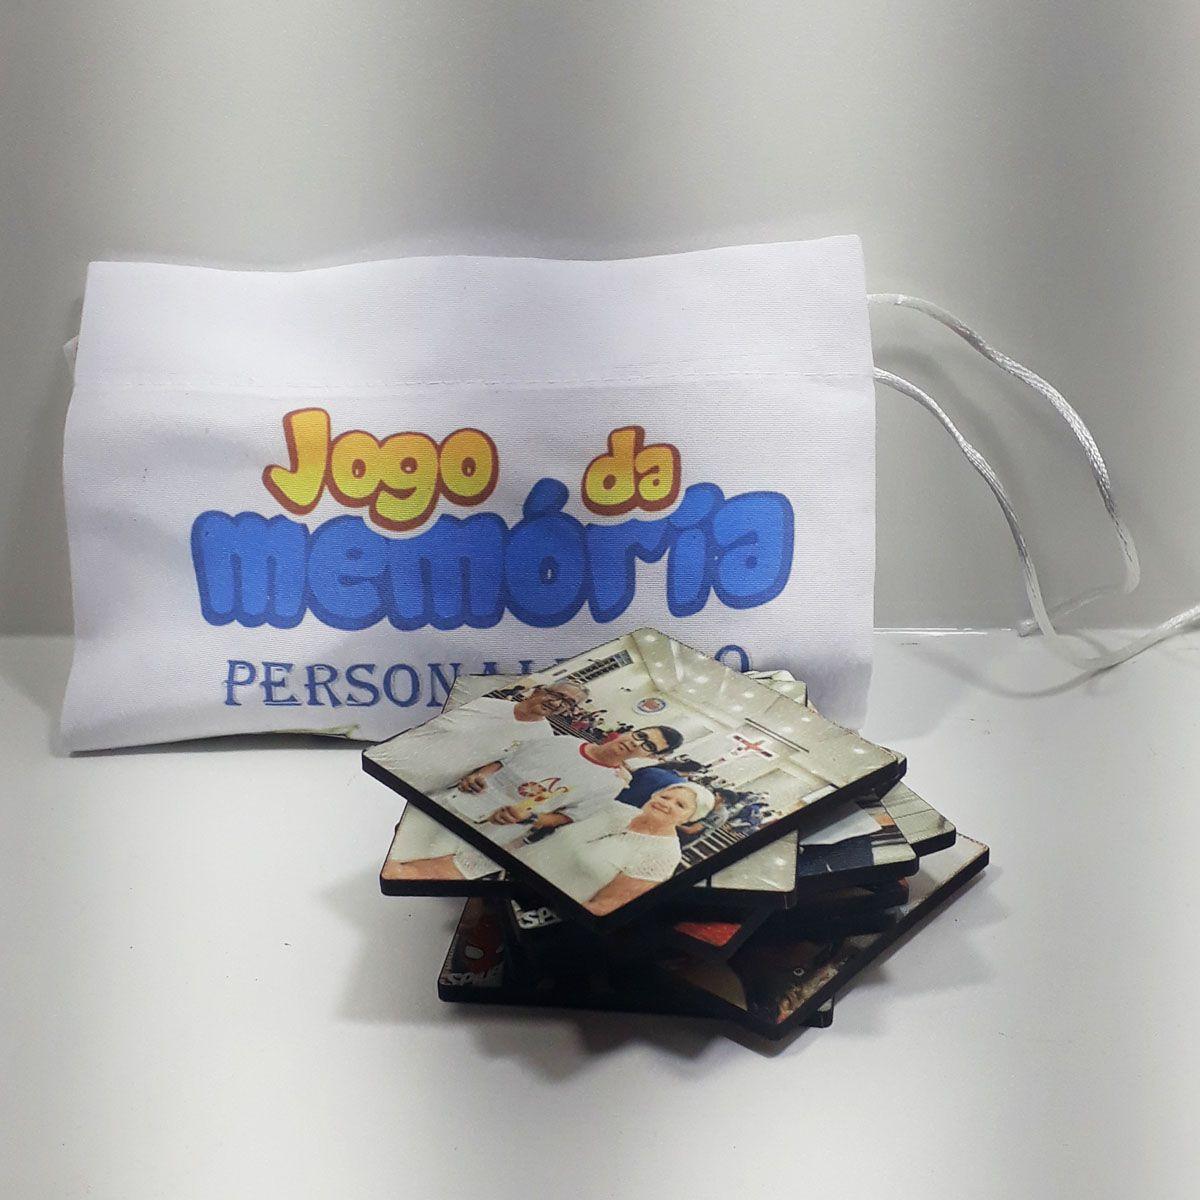 Jogo da Memória Personalizado com fotos + caixa MDF personalizada